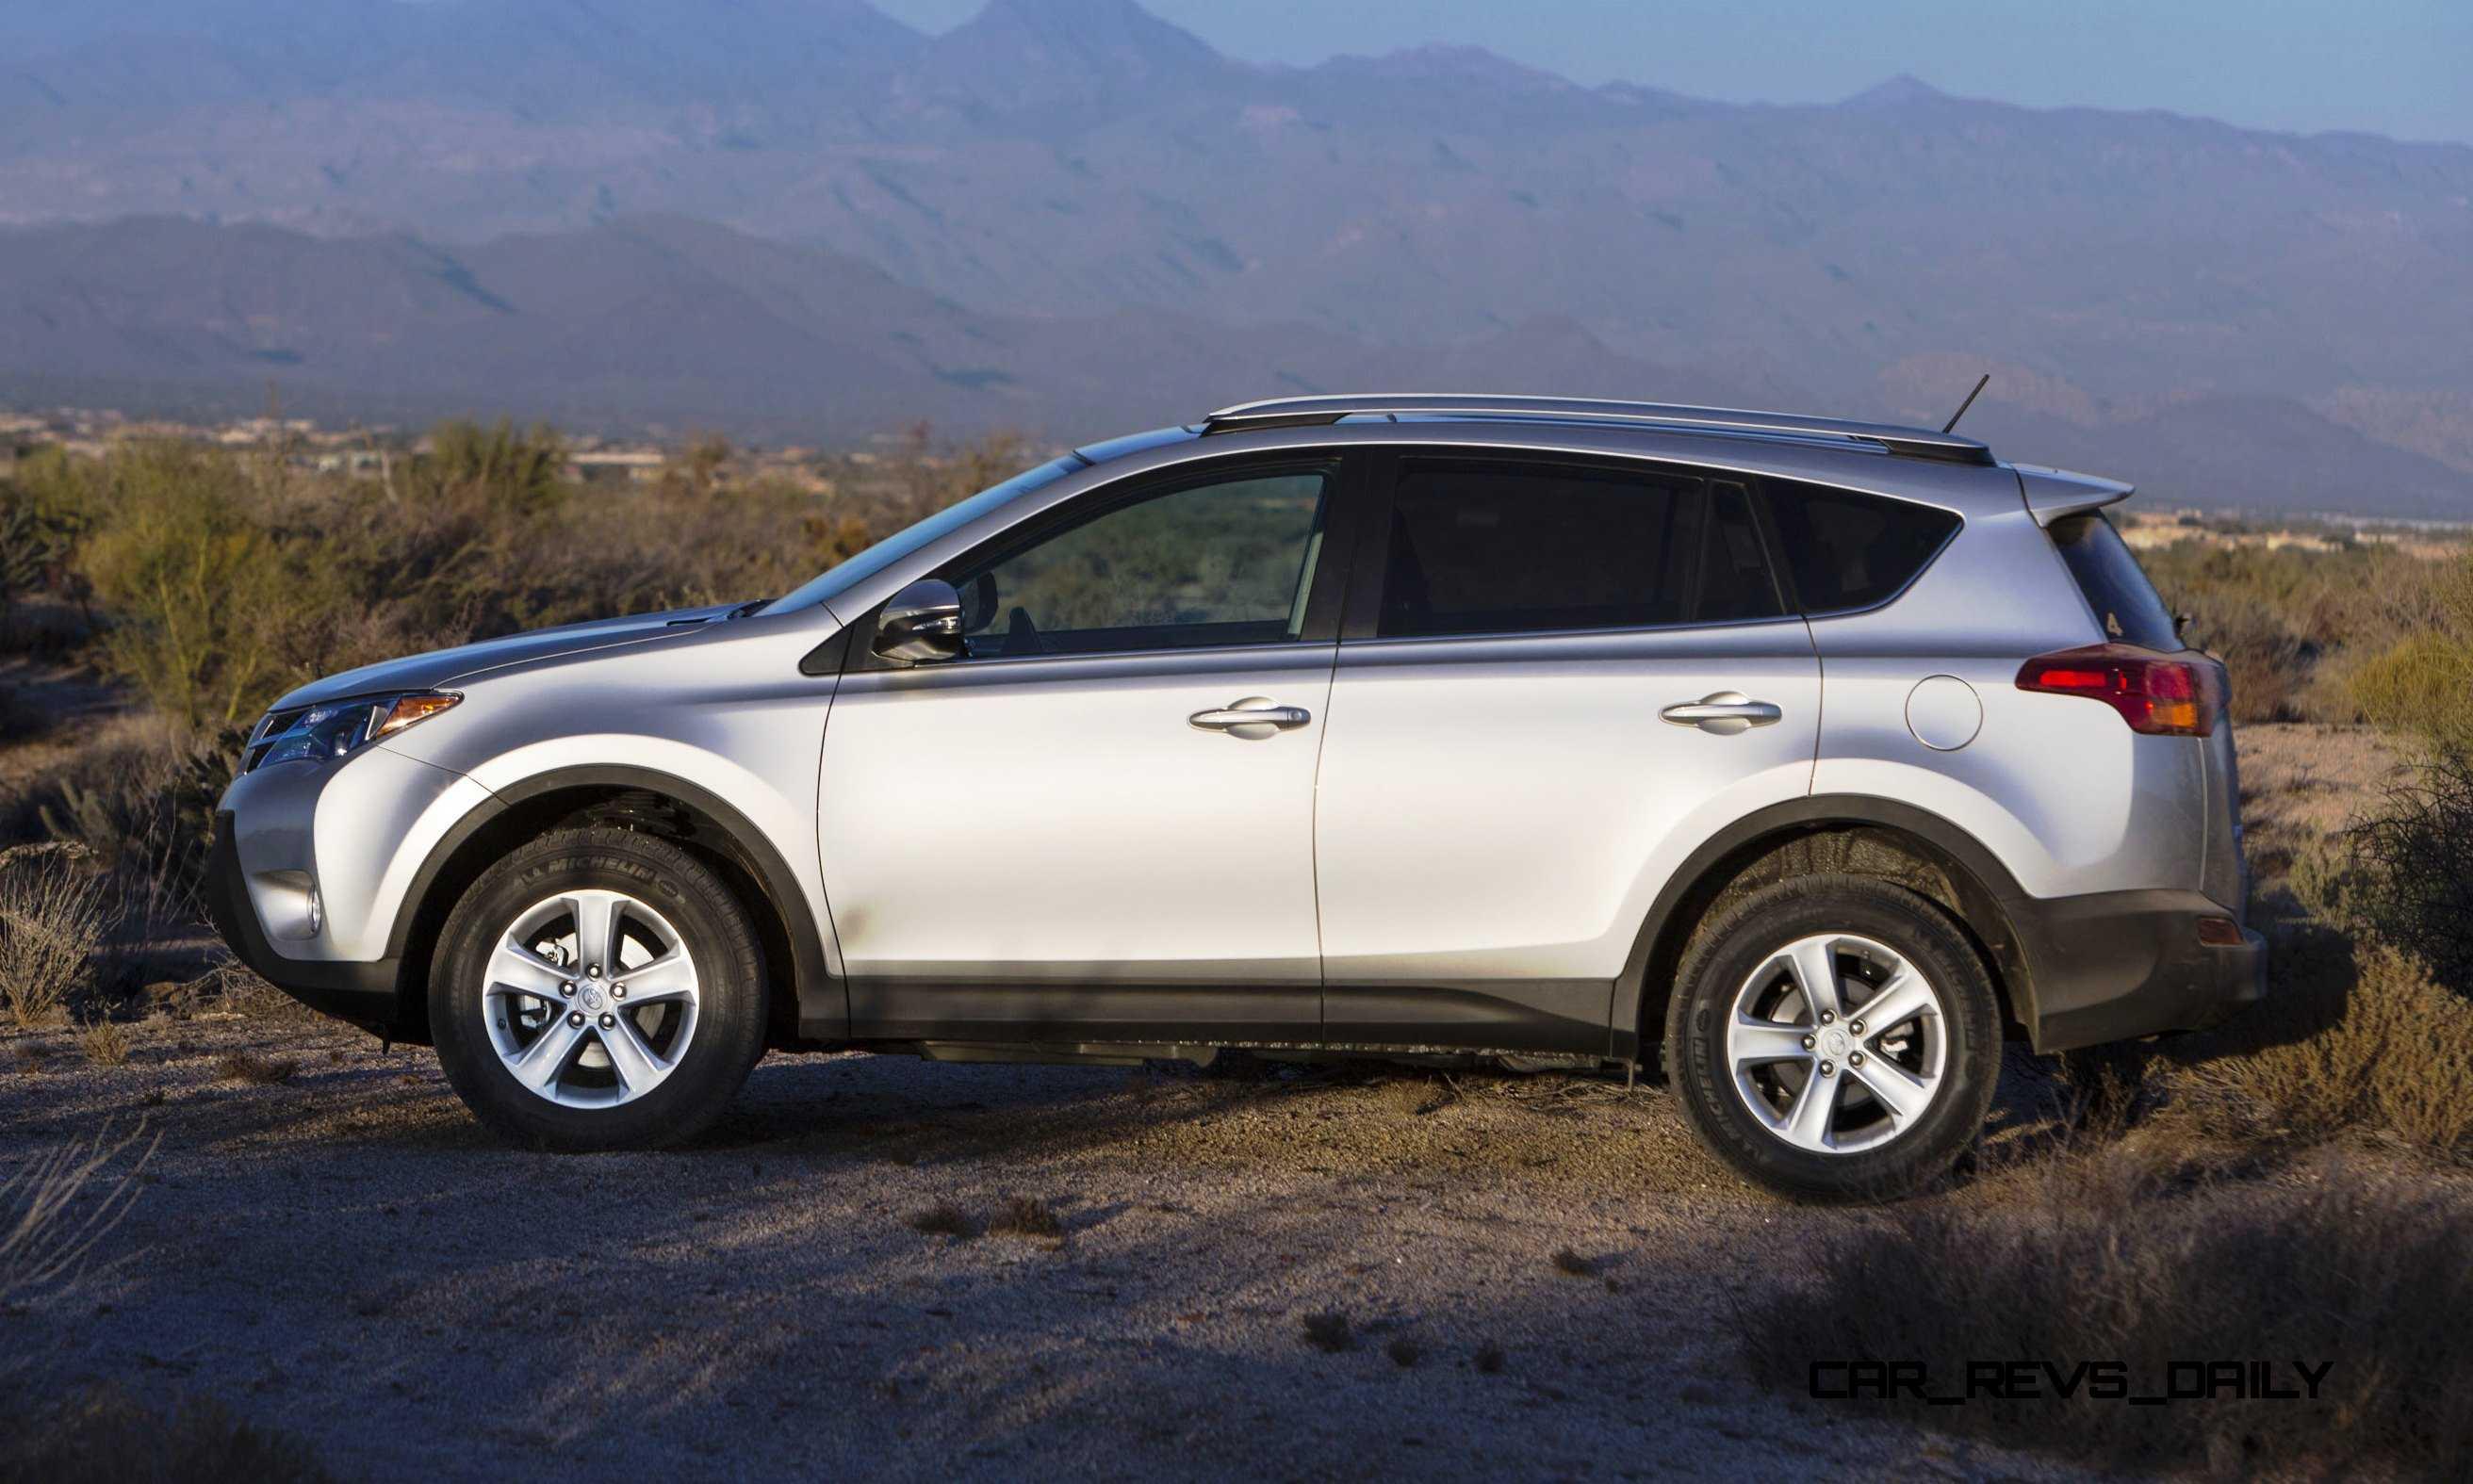 2015 ford bronco price and design autos weblog for 2017 honda pilot gas mileage